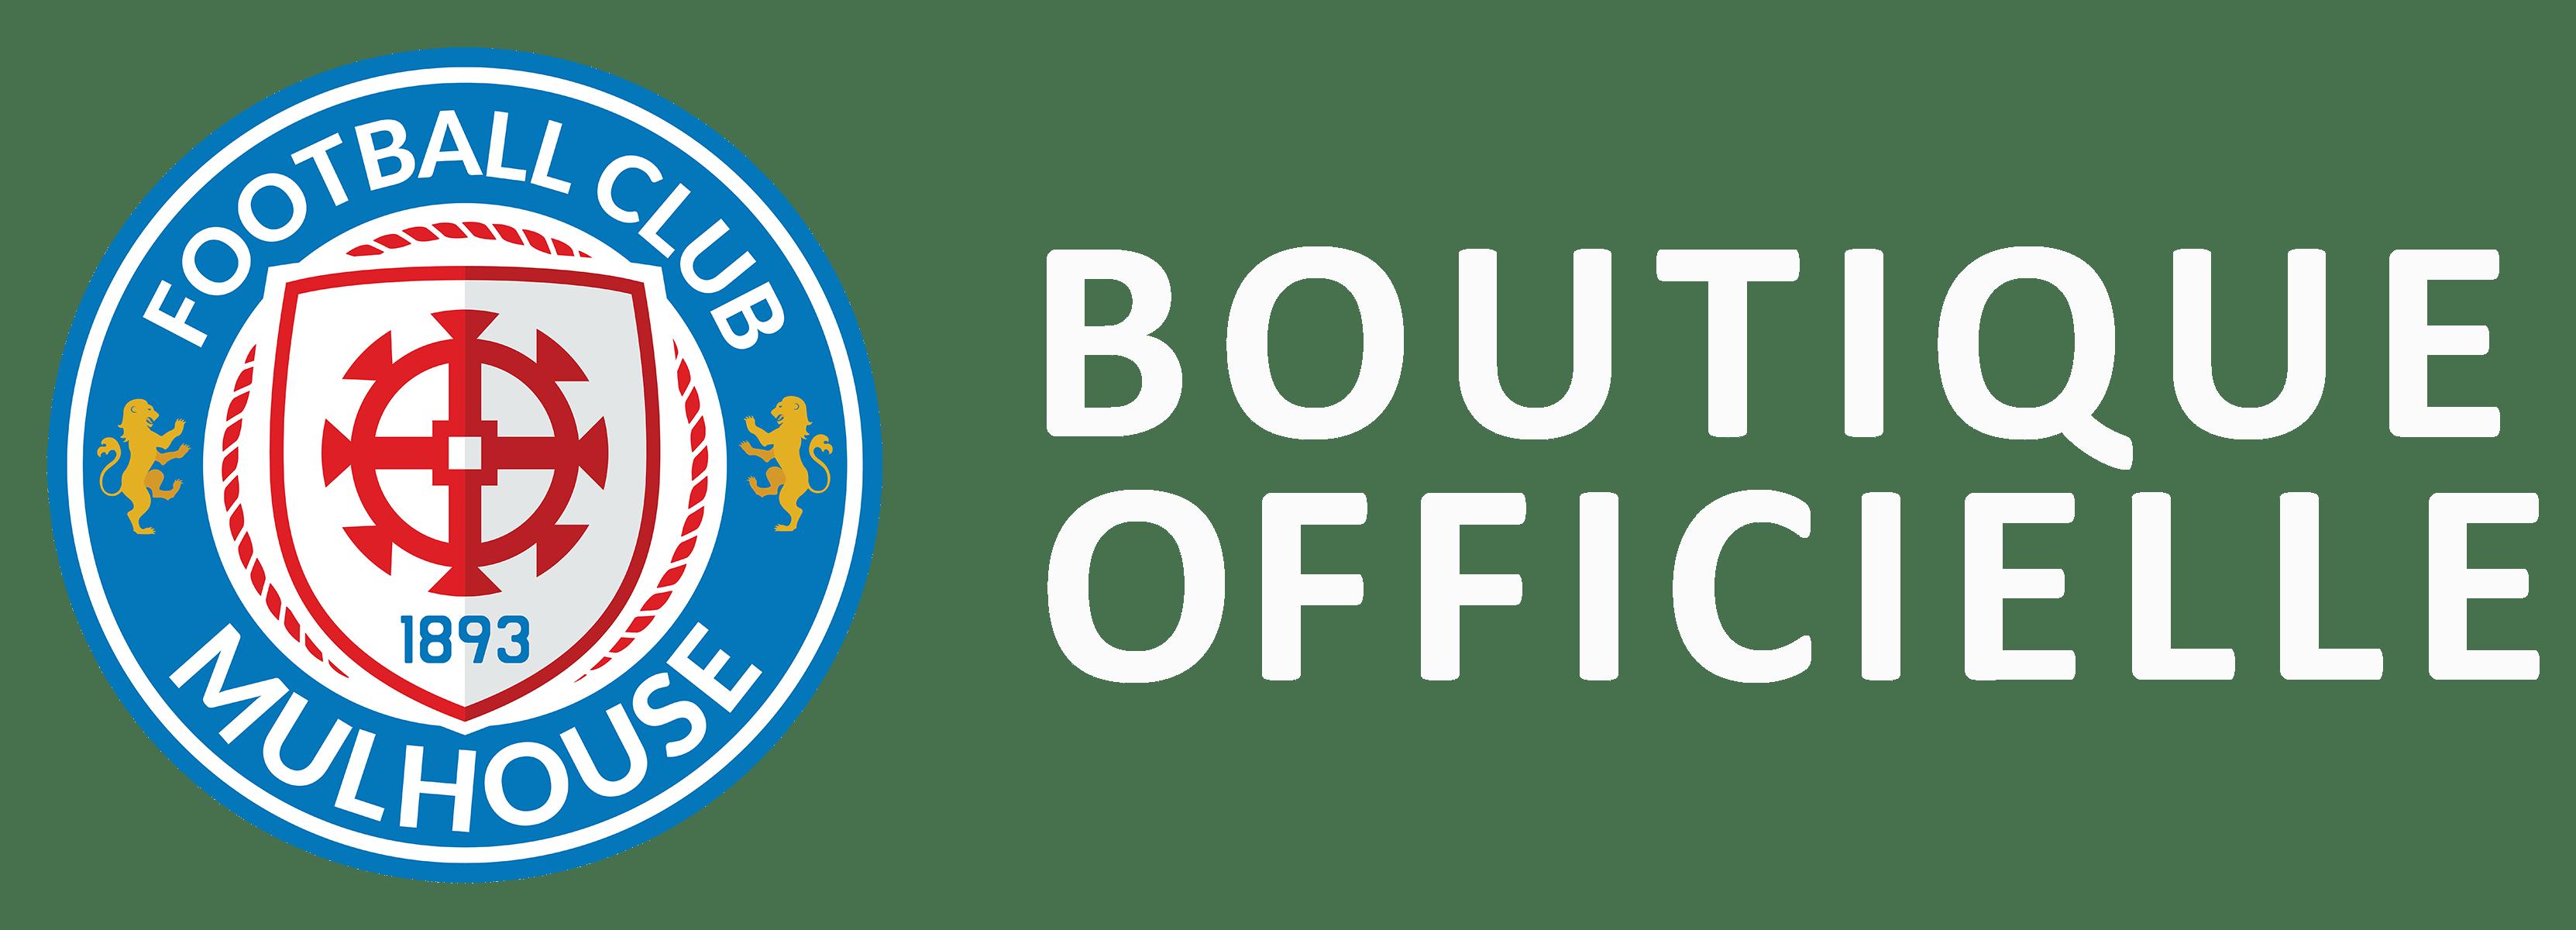 Boutique FC Mulhouse